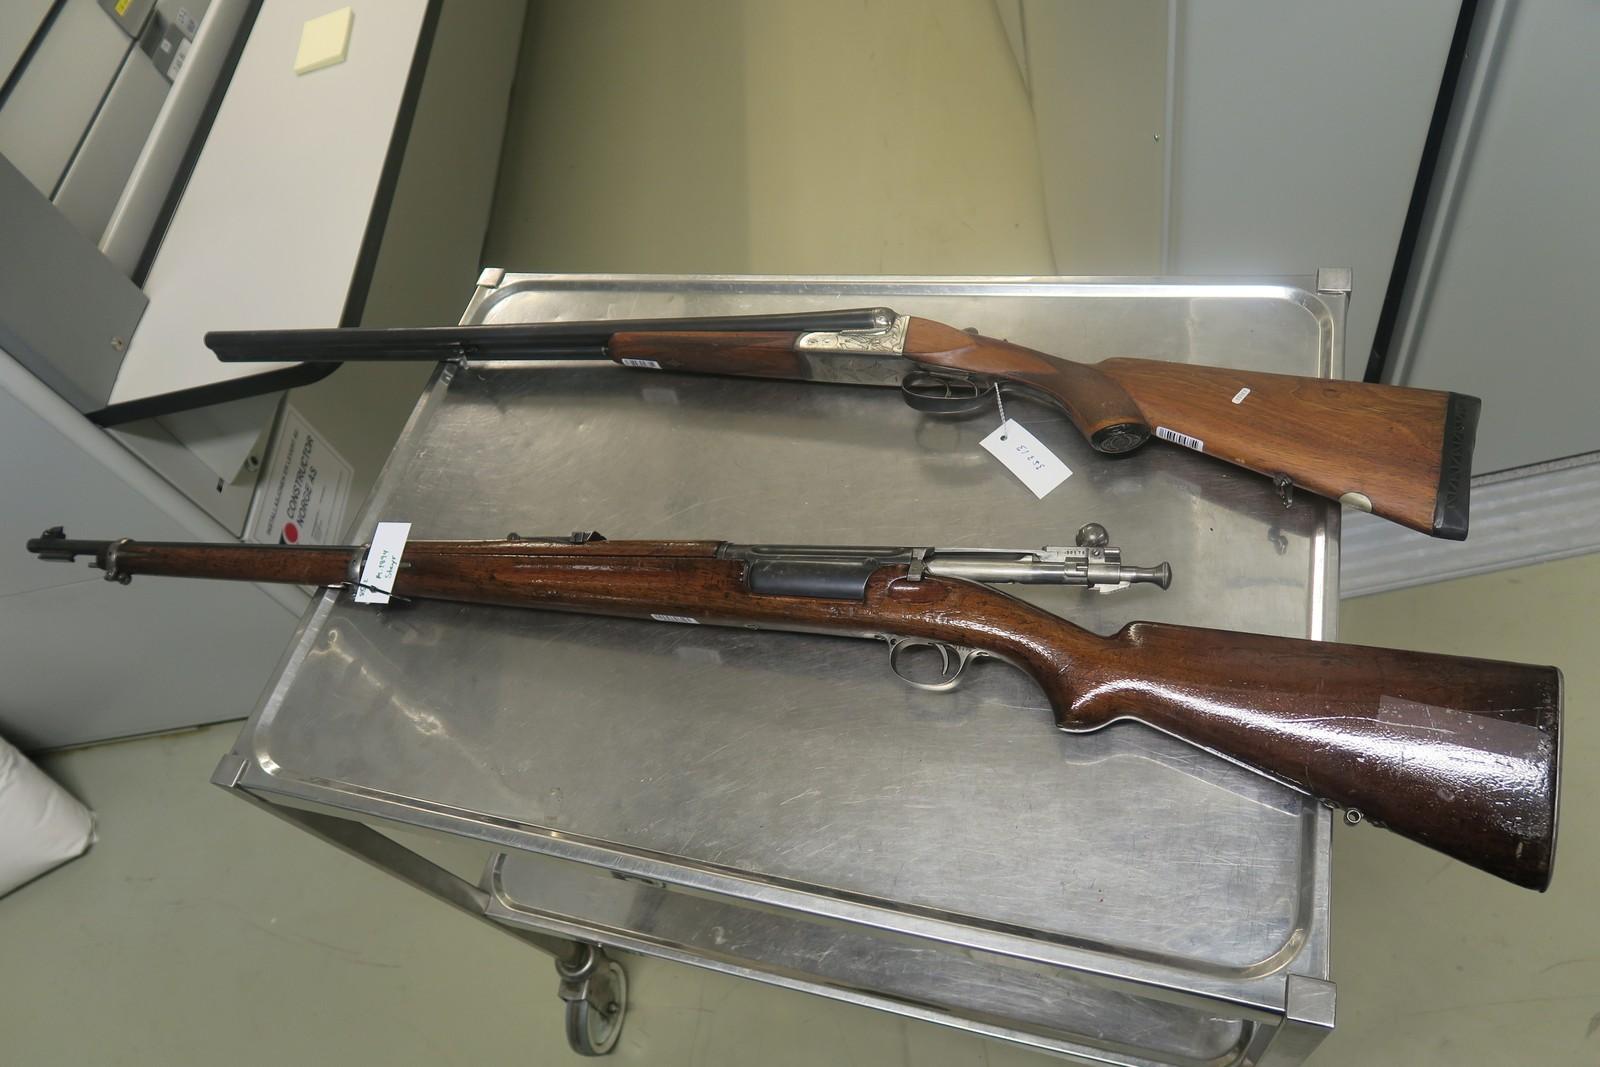 Mest vanlig i Norge: en dobbeltløpet hagle og en Krag-Jørgensen, norskkonstruert rifle i kaliber 6,5 x 55 mm, som var hovedvåpenet i det danske og norske forsvaret fram til 2. verdenskrig.